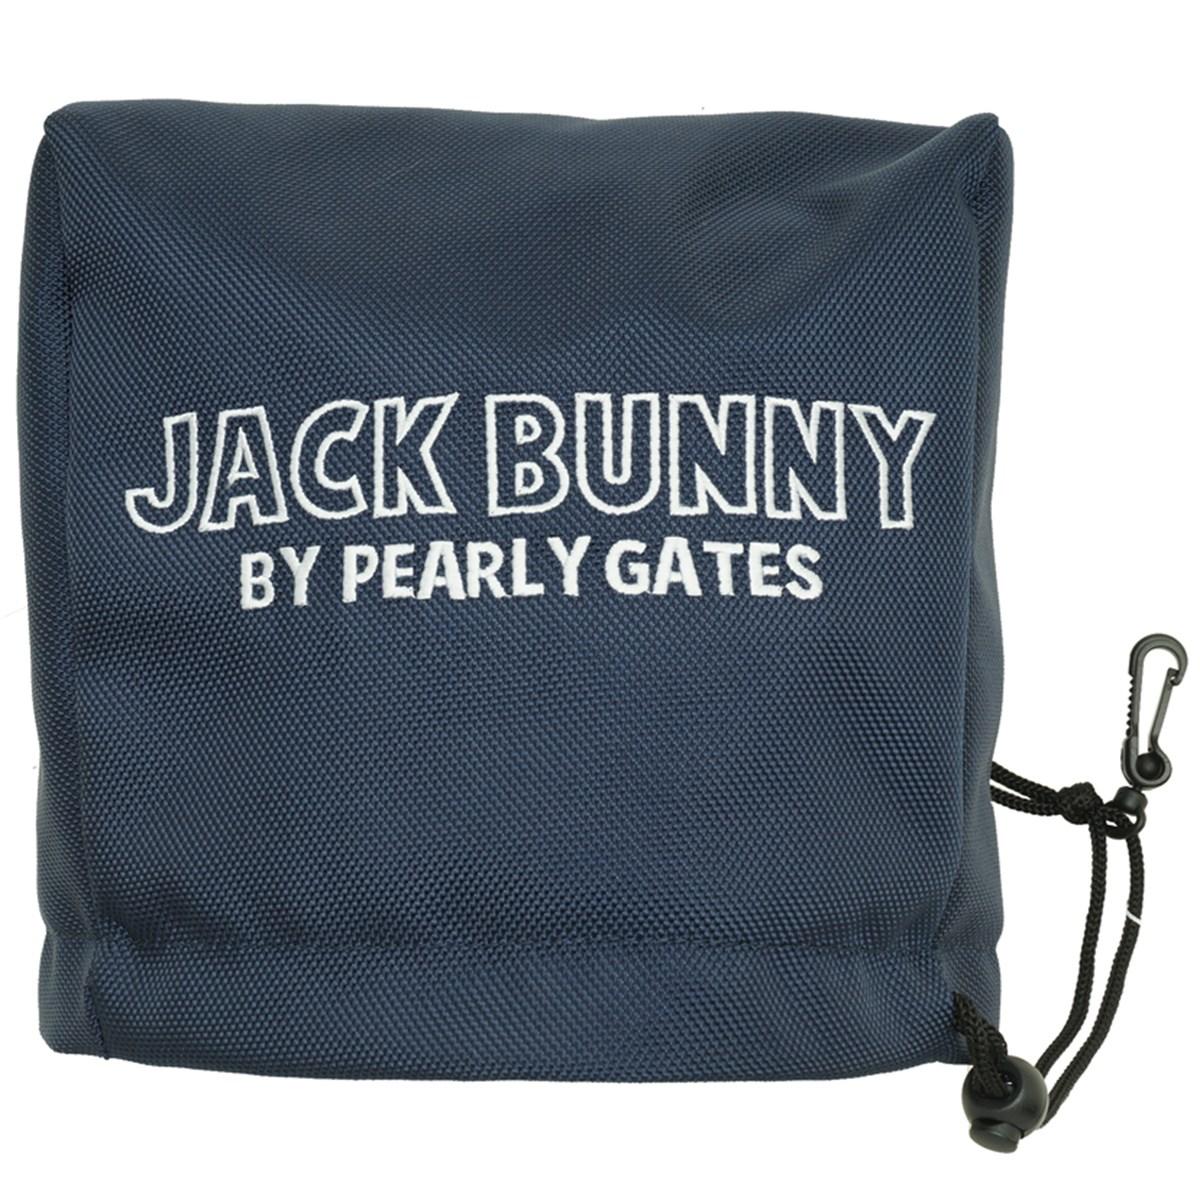 [アウトレット] [在庫限りのお買い得商品] ジャックバニー バイ パーリーゲイツ アイアンカバー ネイビー 120 メンズ ゴルフ